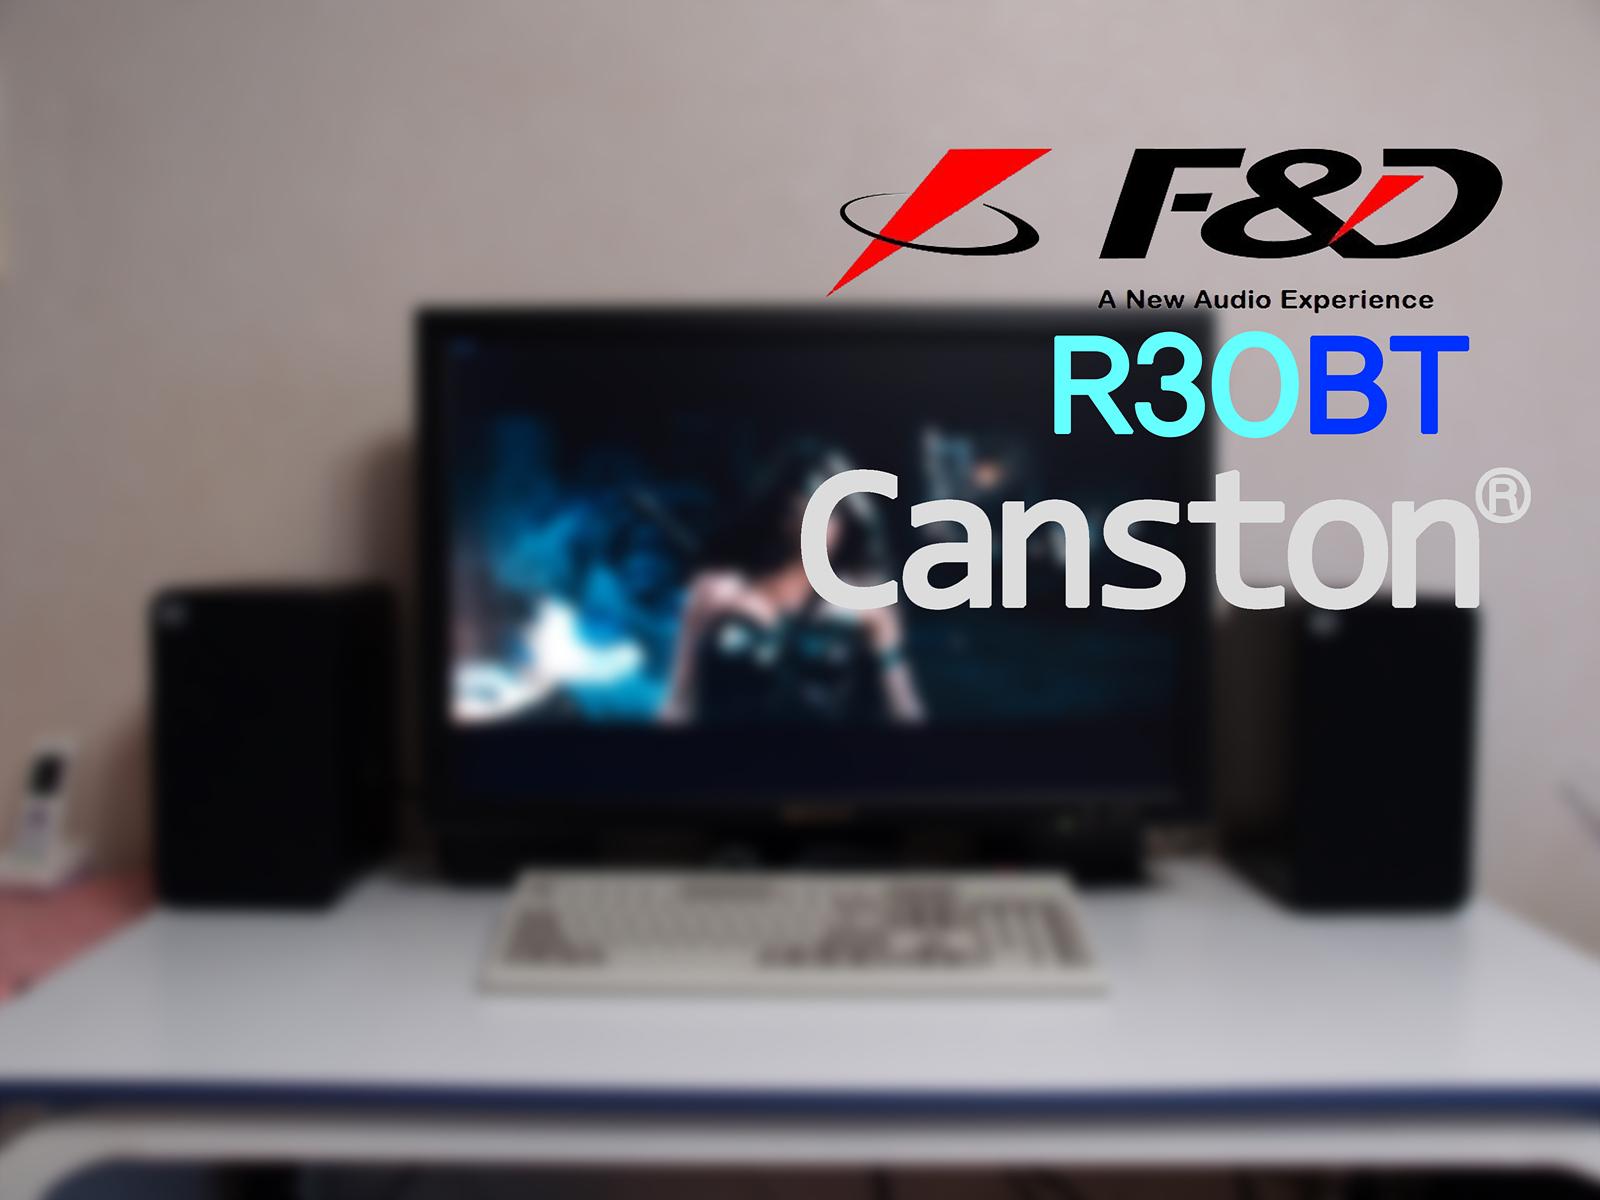 프리미엄급 사운드. 캔스톤 R30BT 스...